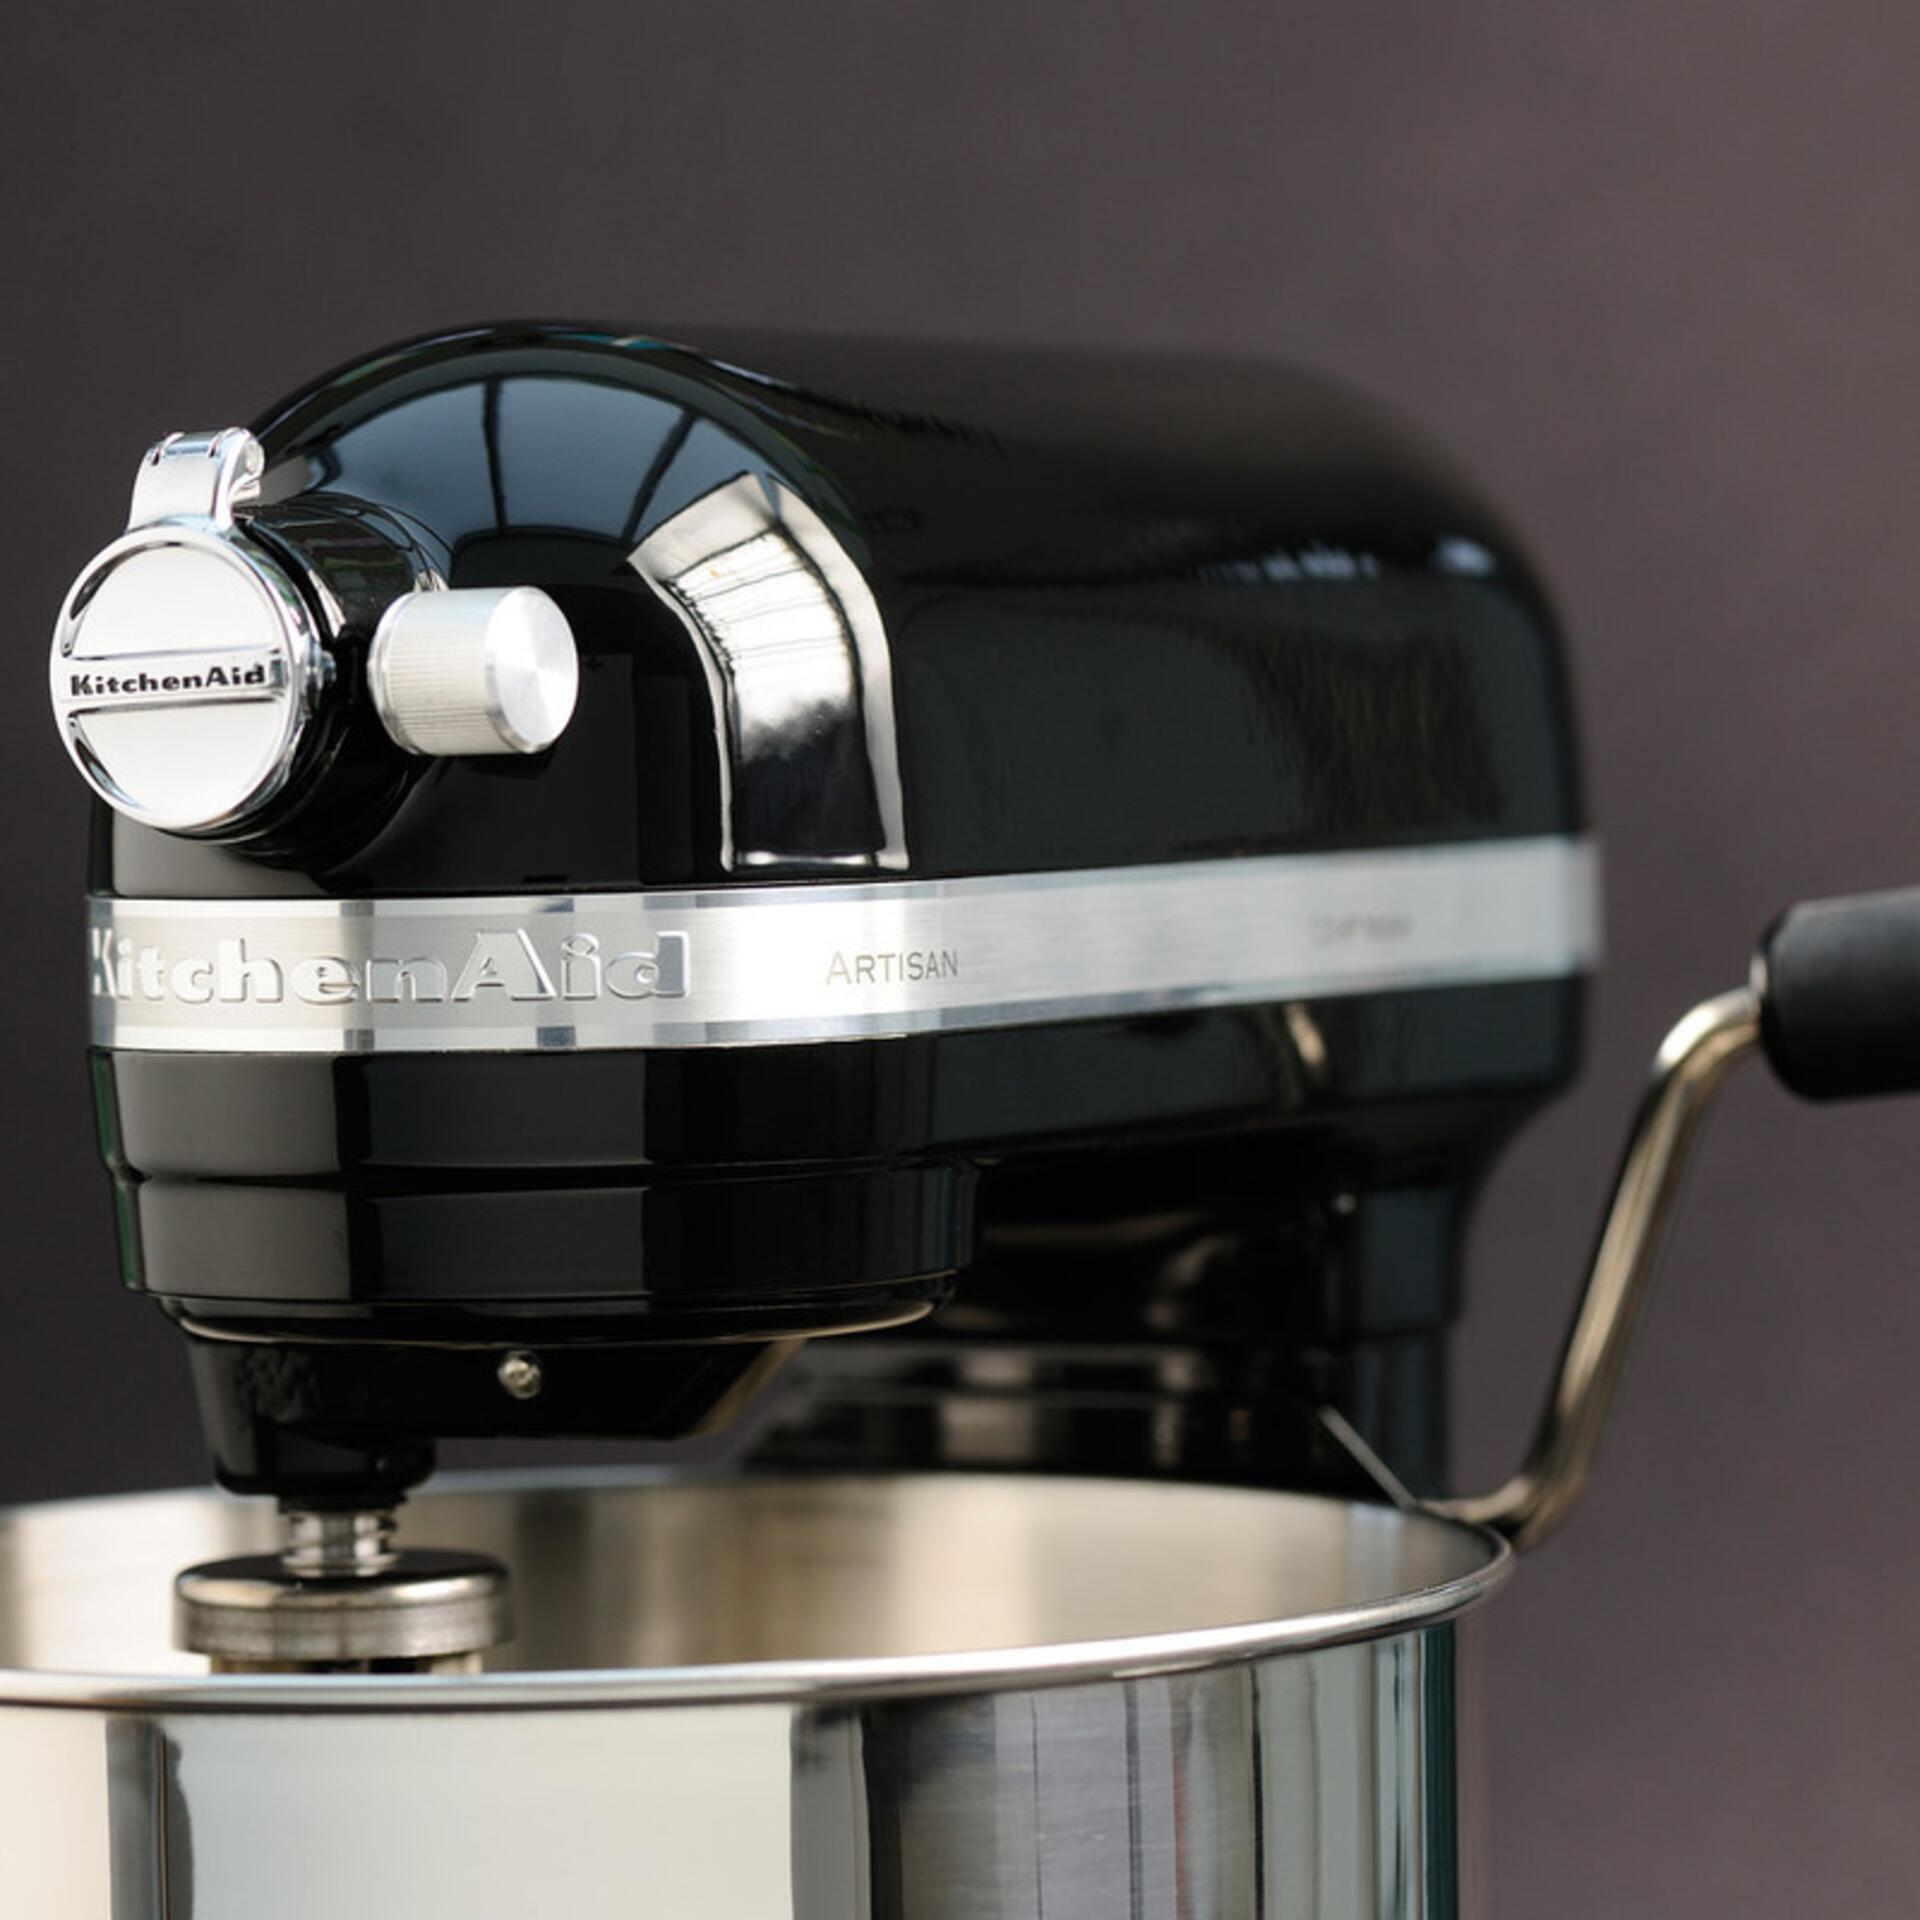 Kitchenaid Artisan Küchenmaschine 6,9 Liter Onyx Black 5KSM7580XEOB